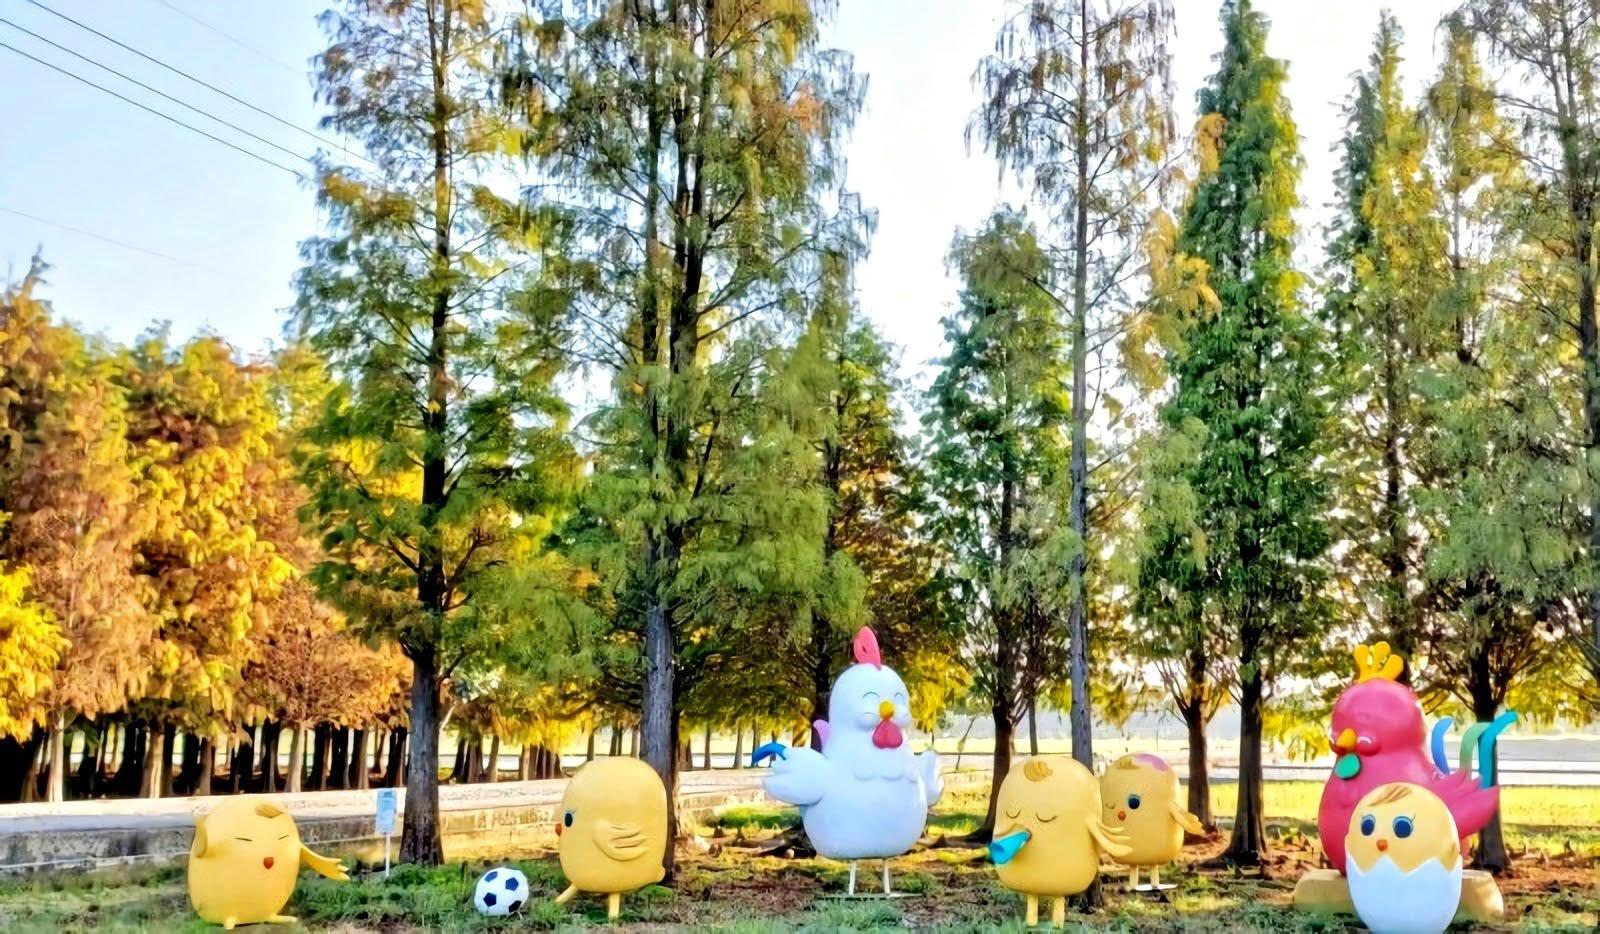 六甲菁埔埤落羽松林×可愛裝置藝術|滿滿童趣迎接遊客